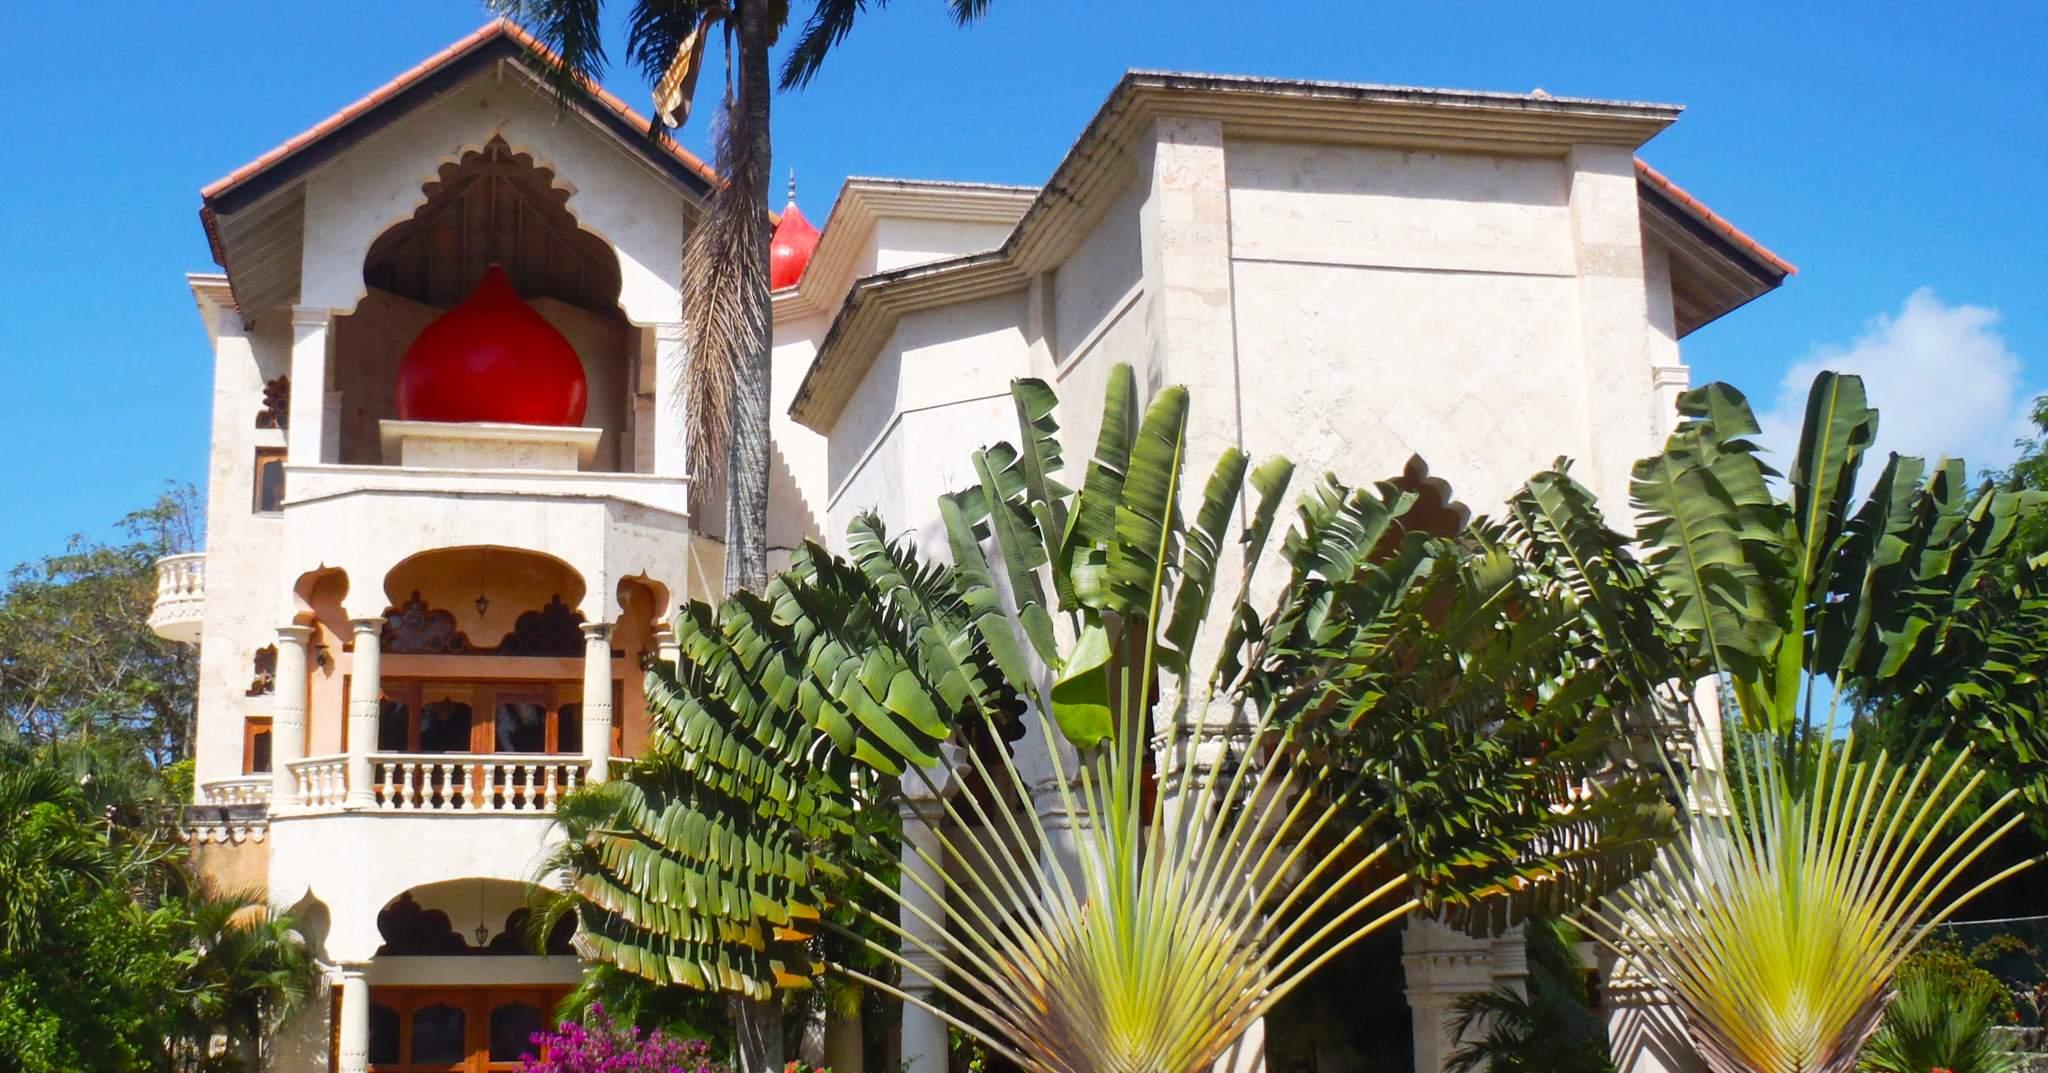 Balaji Palace at Playa Grande